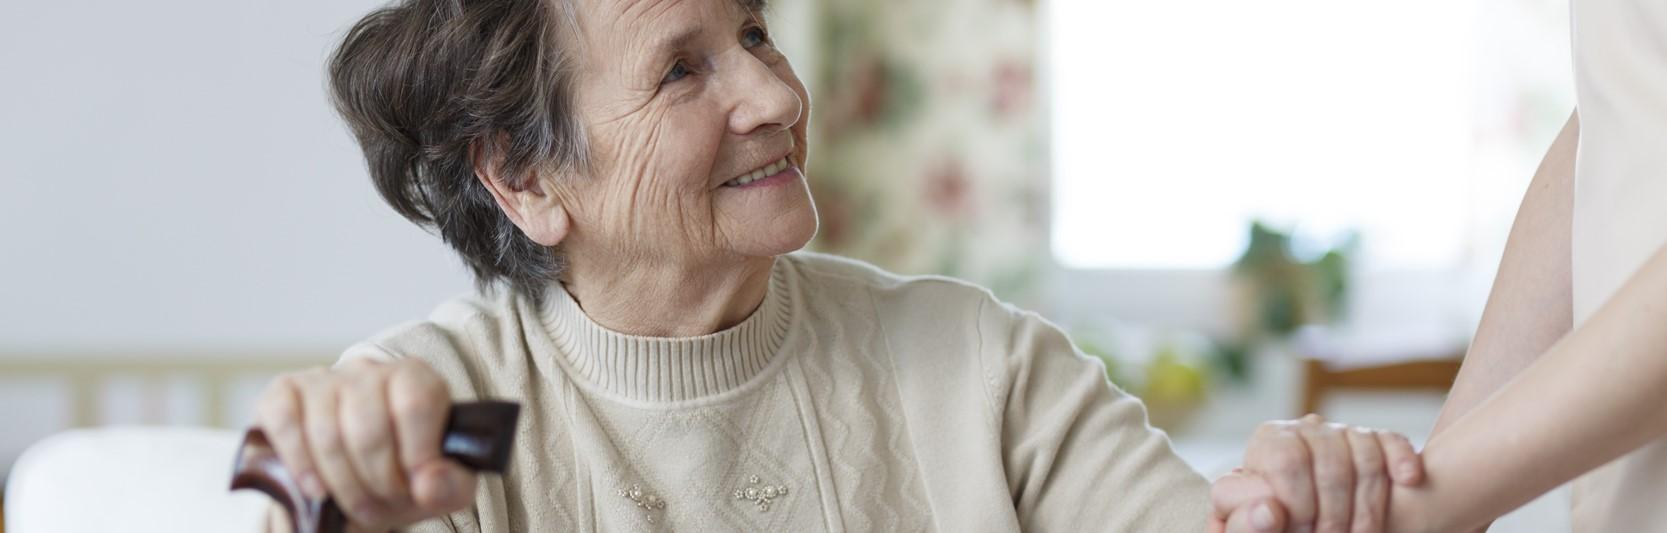 Newsartikel:Pflegearten: Welche verschiedenen Pflegeformen gibt es?